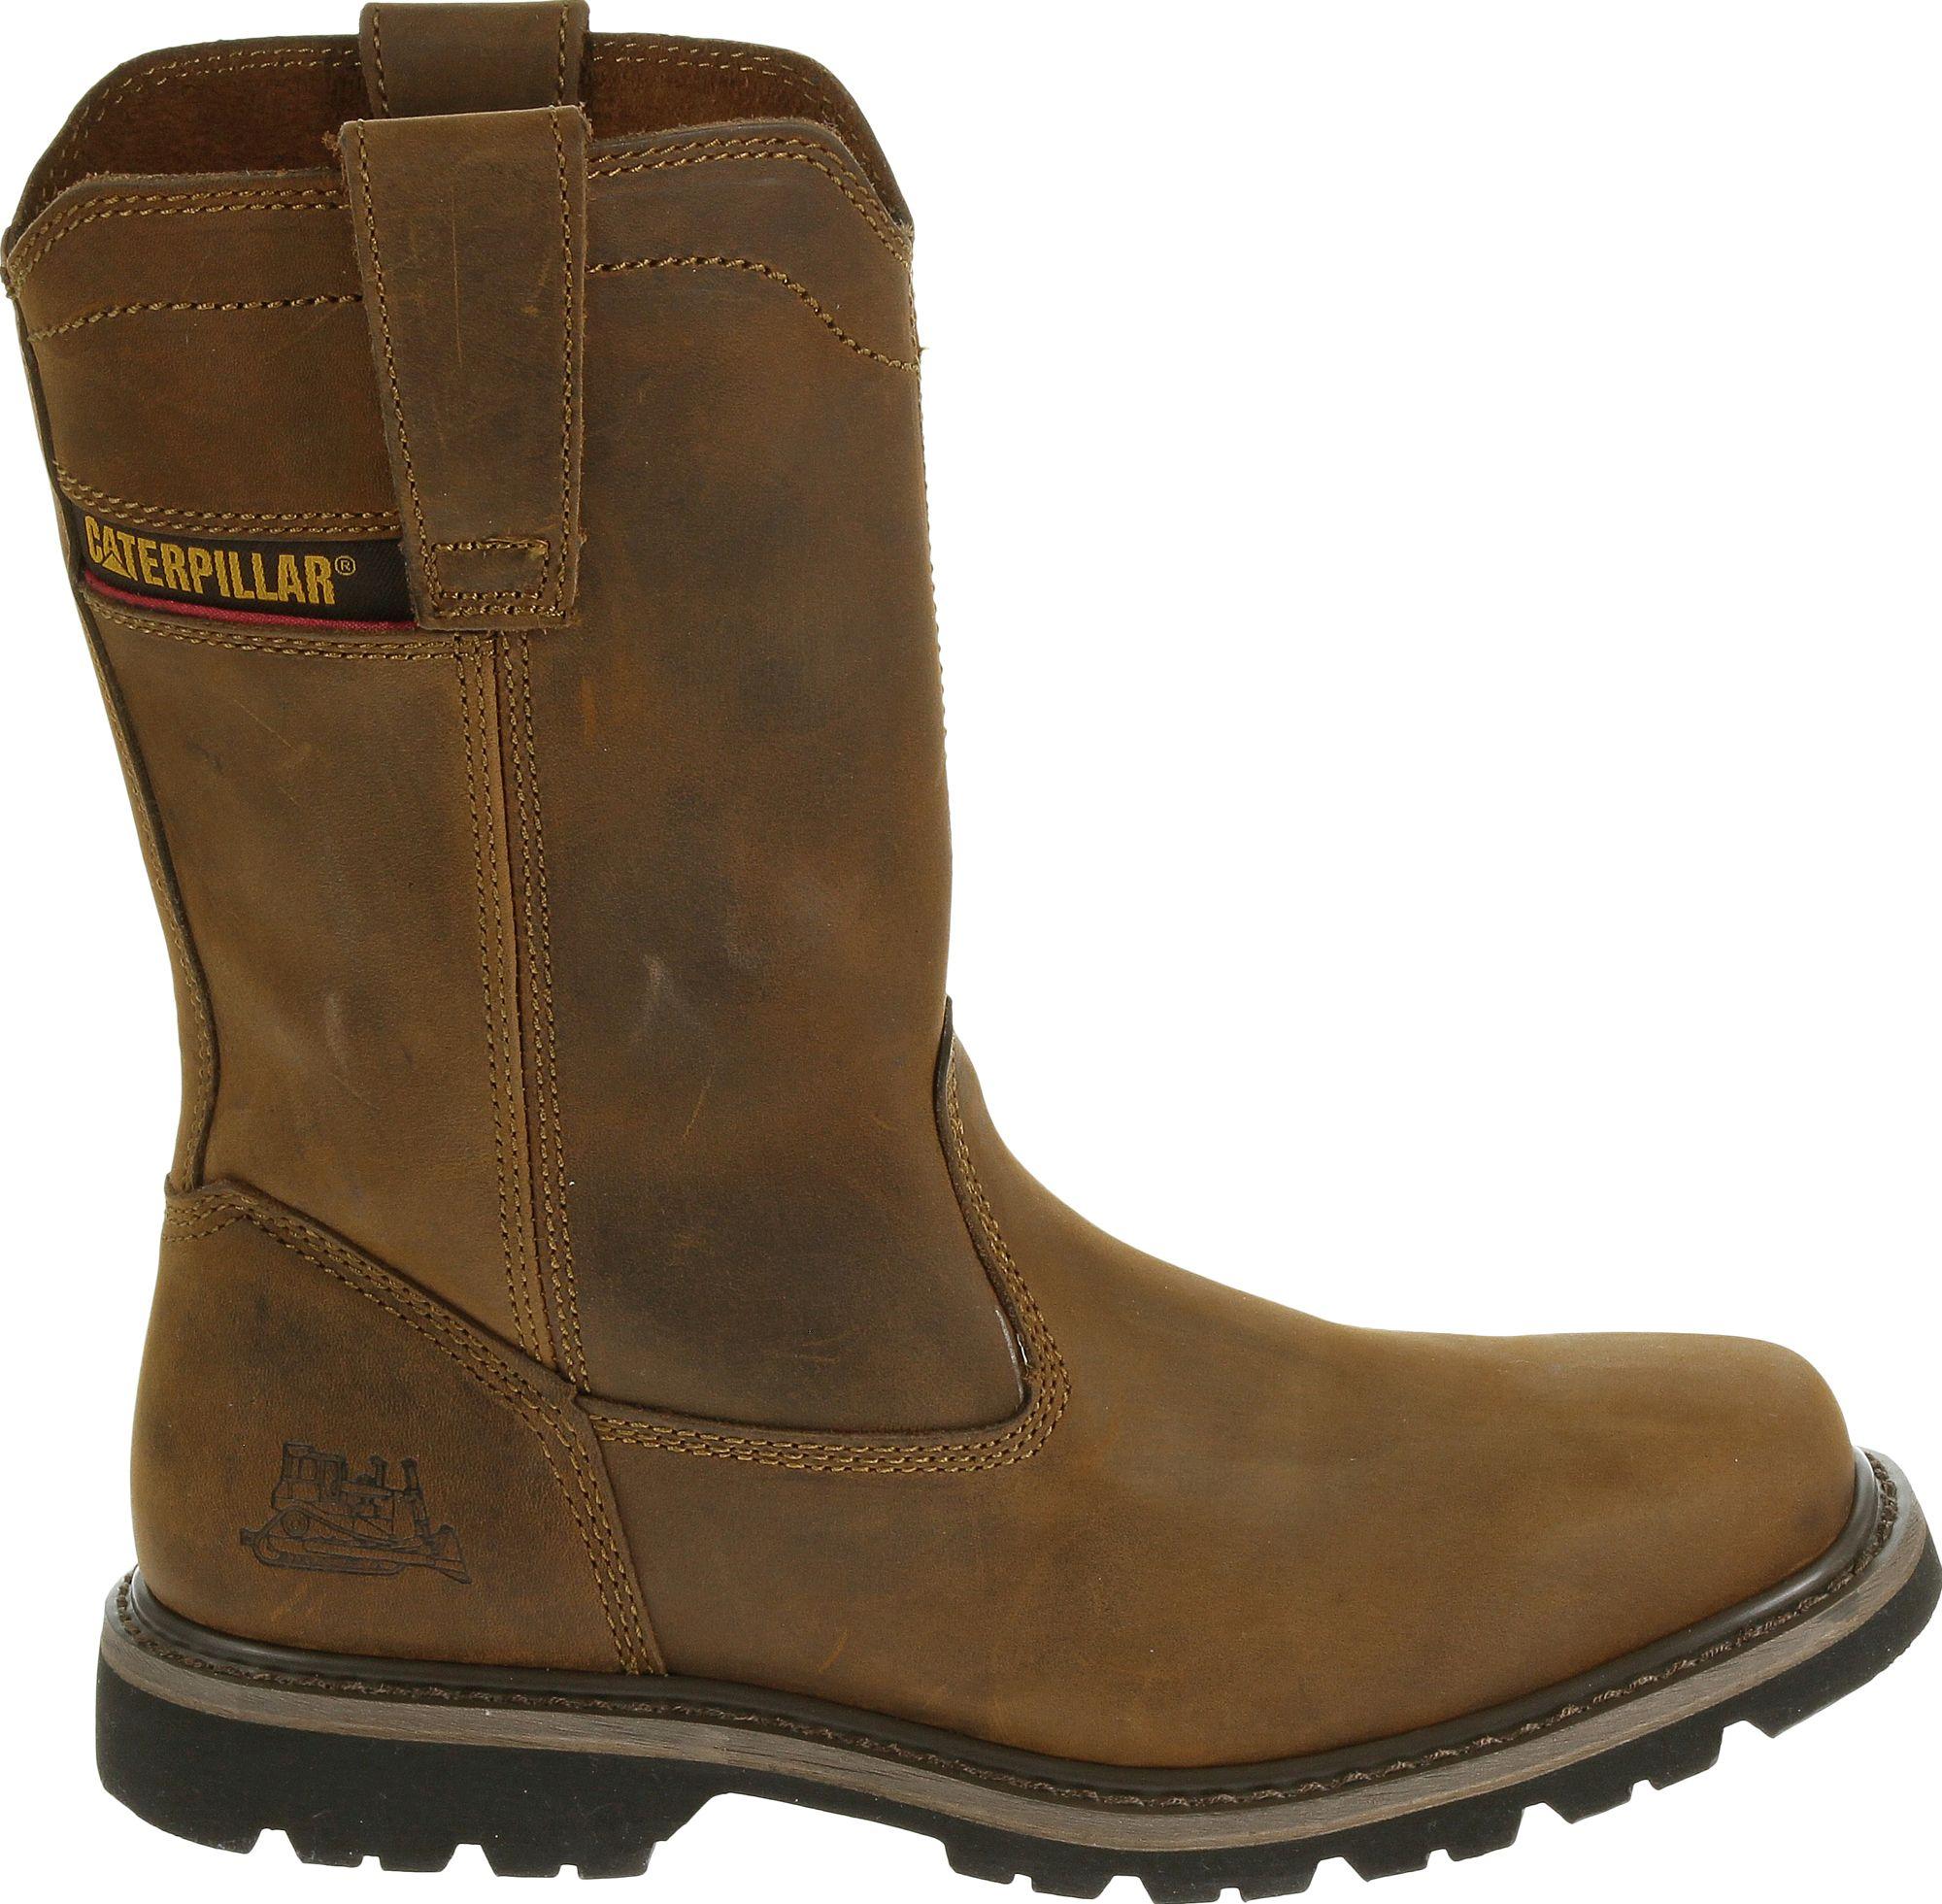 Men&39s Work Boots | DICK&39S Sporting Goods